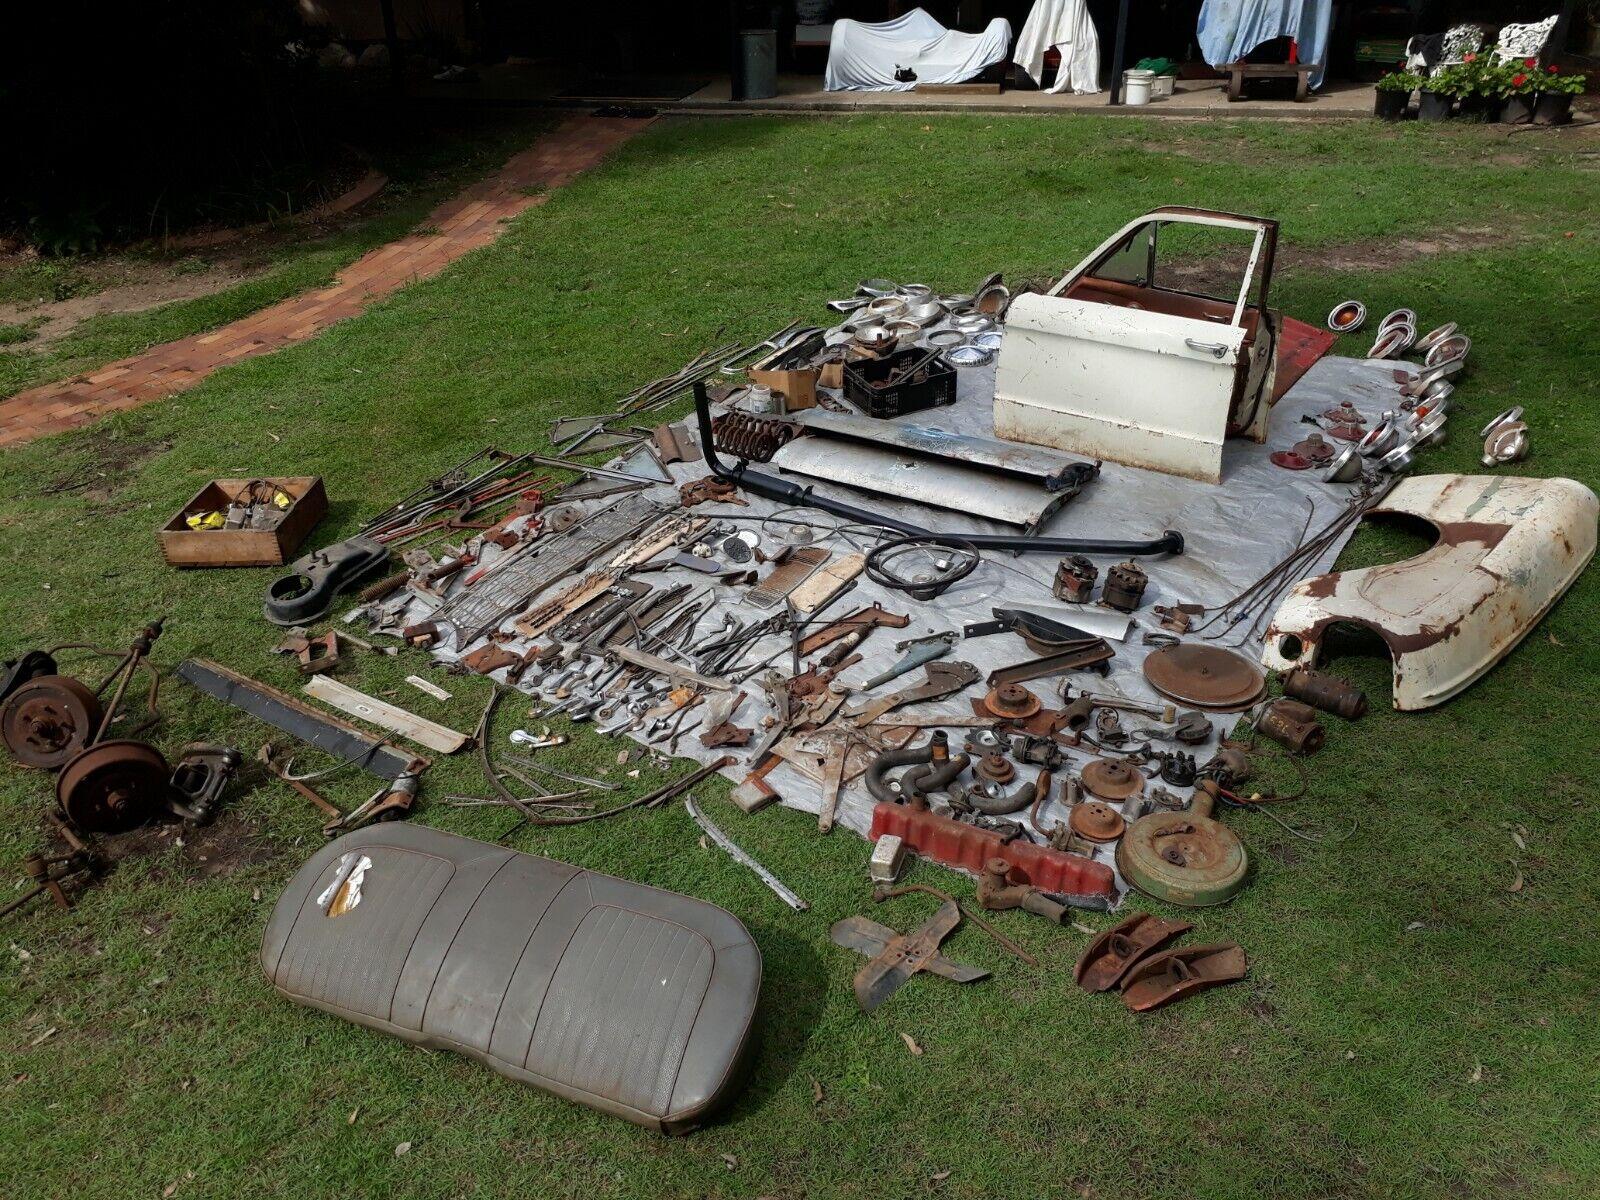 Car Parts - Vintage Falcon Car parts